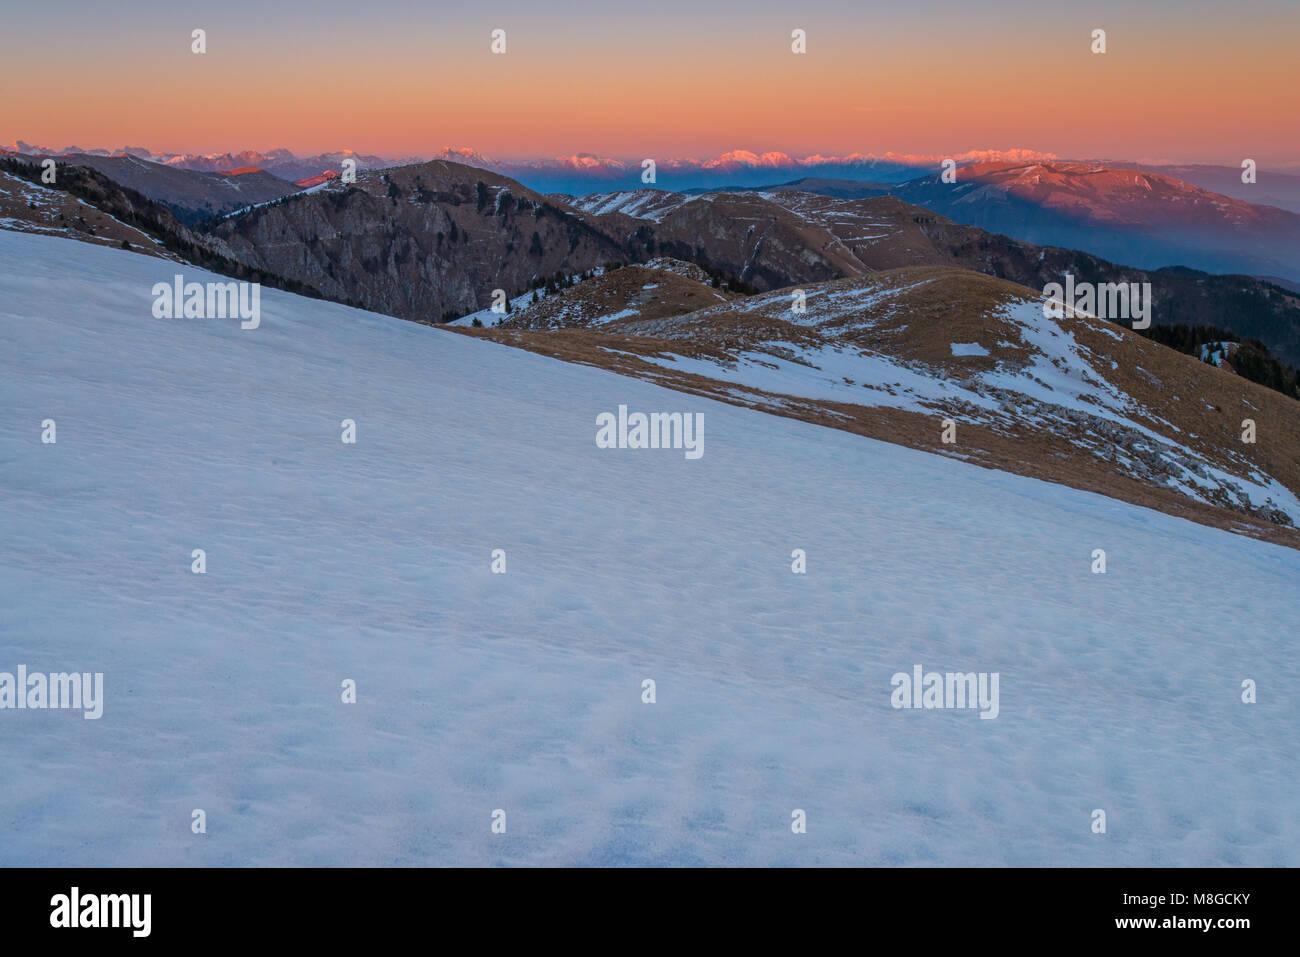 Pinturas alpenglow majestuosas montañas y nubes al atardecer, mirando hacia el valle. La nieve fresca convierte las cimas y laderas de color blanco, la primera nieve del invierno. Foto de stock